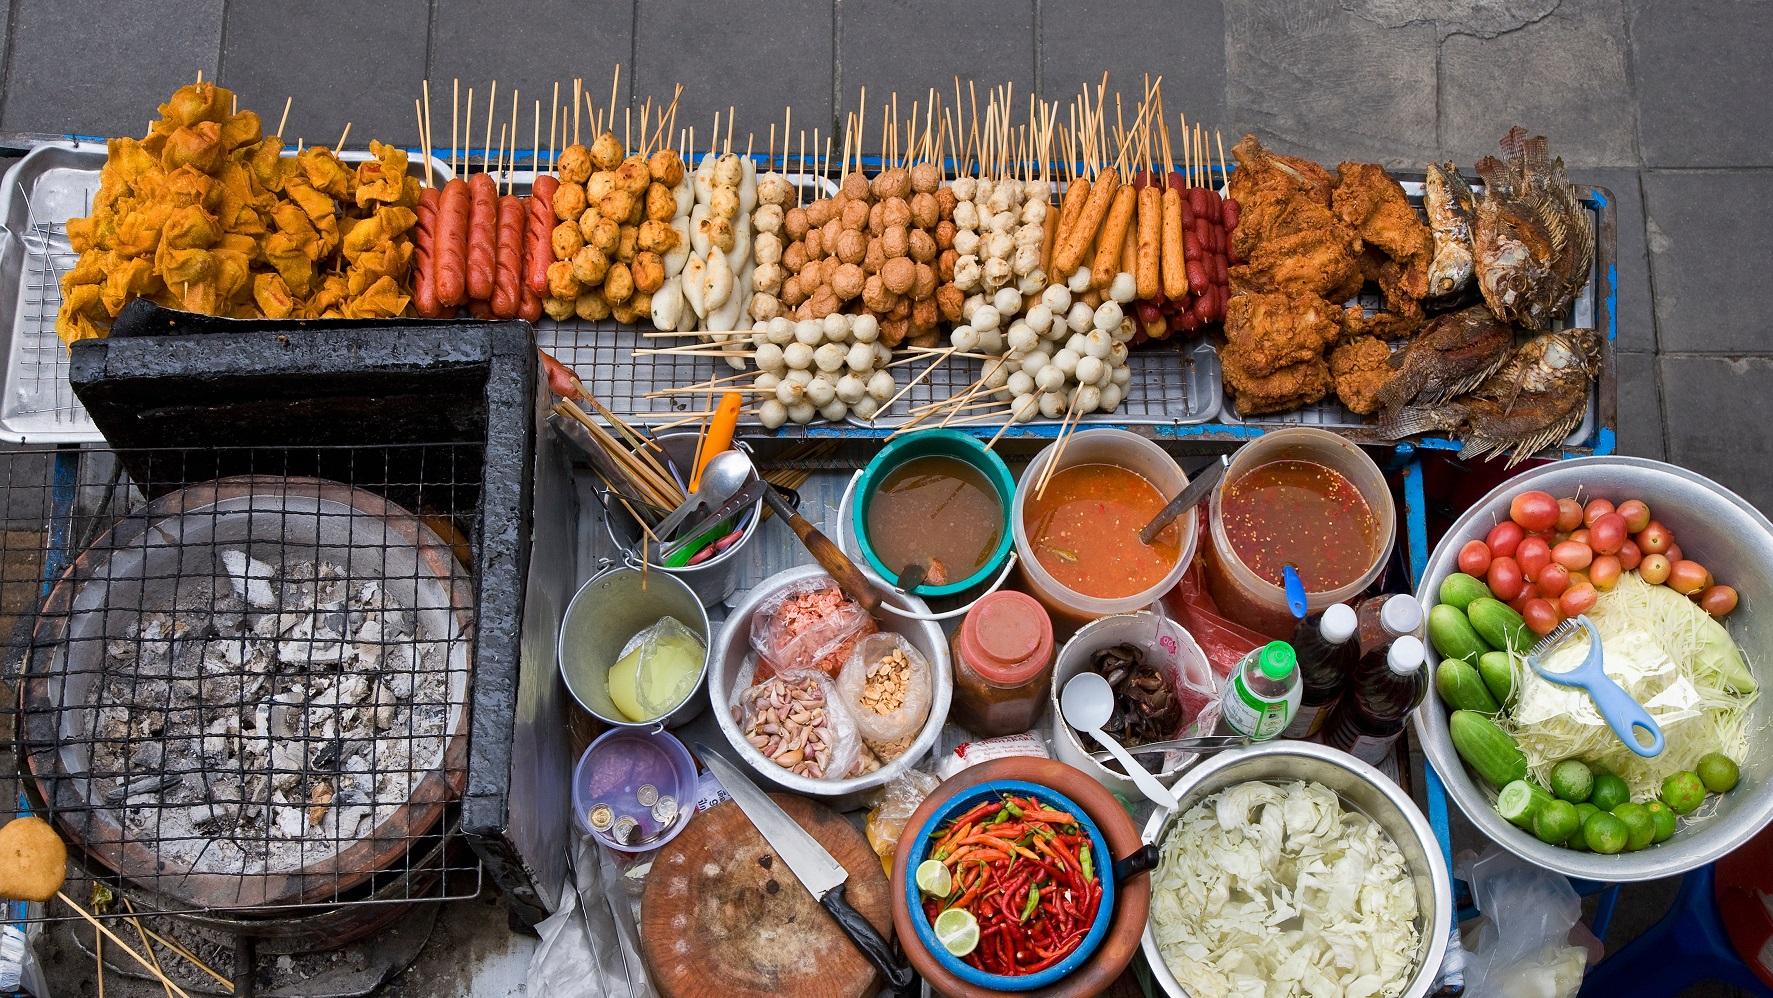 Hạn chế những món ăn có thể khiến bạn đầy bụng và khó tiêu. Hình: Internet